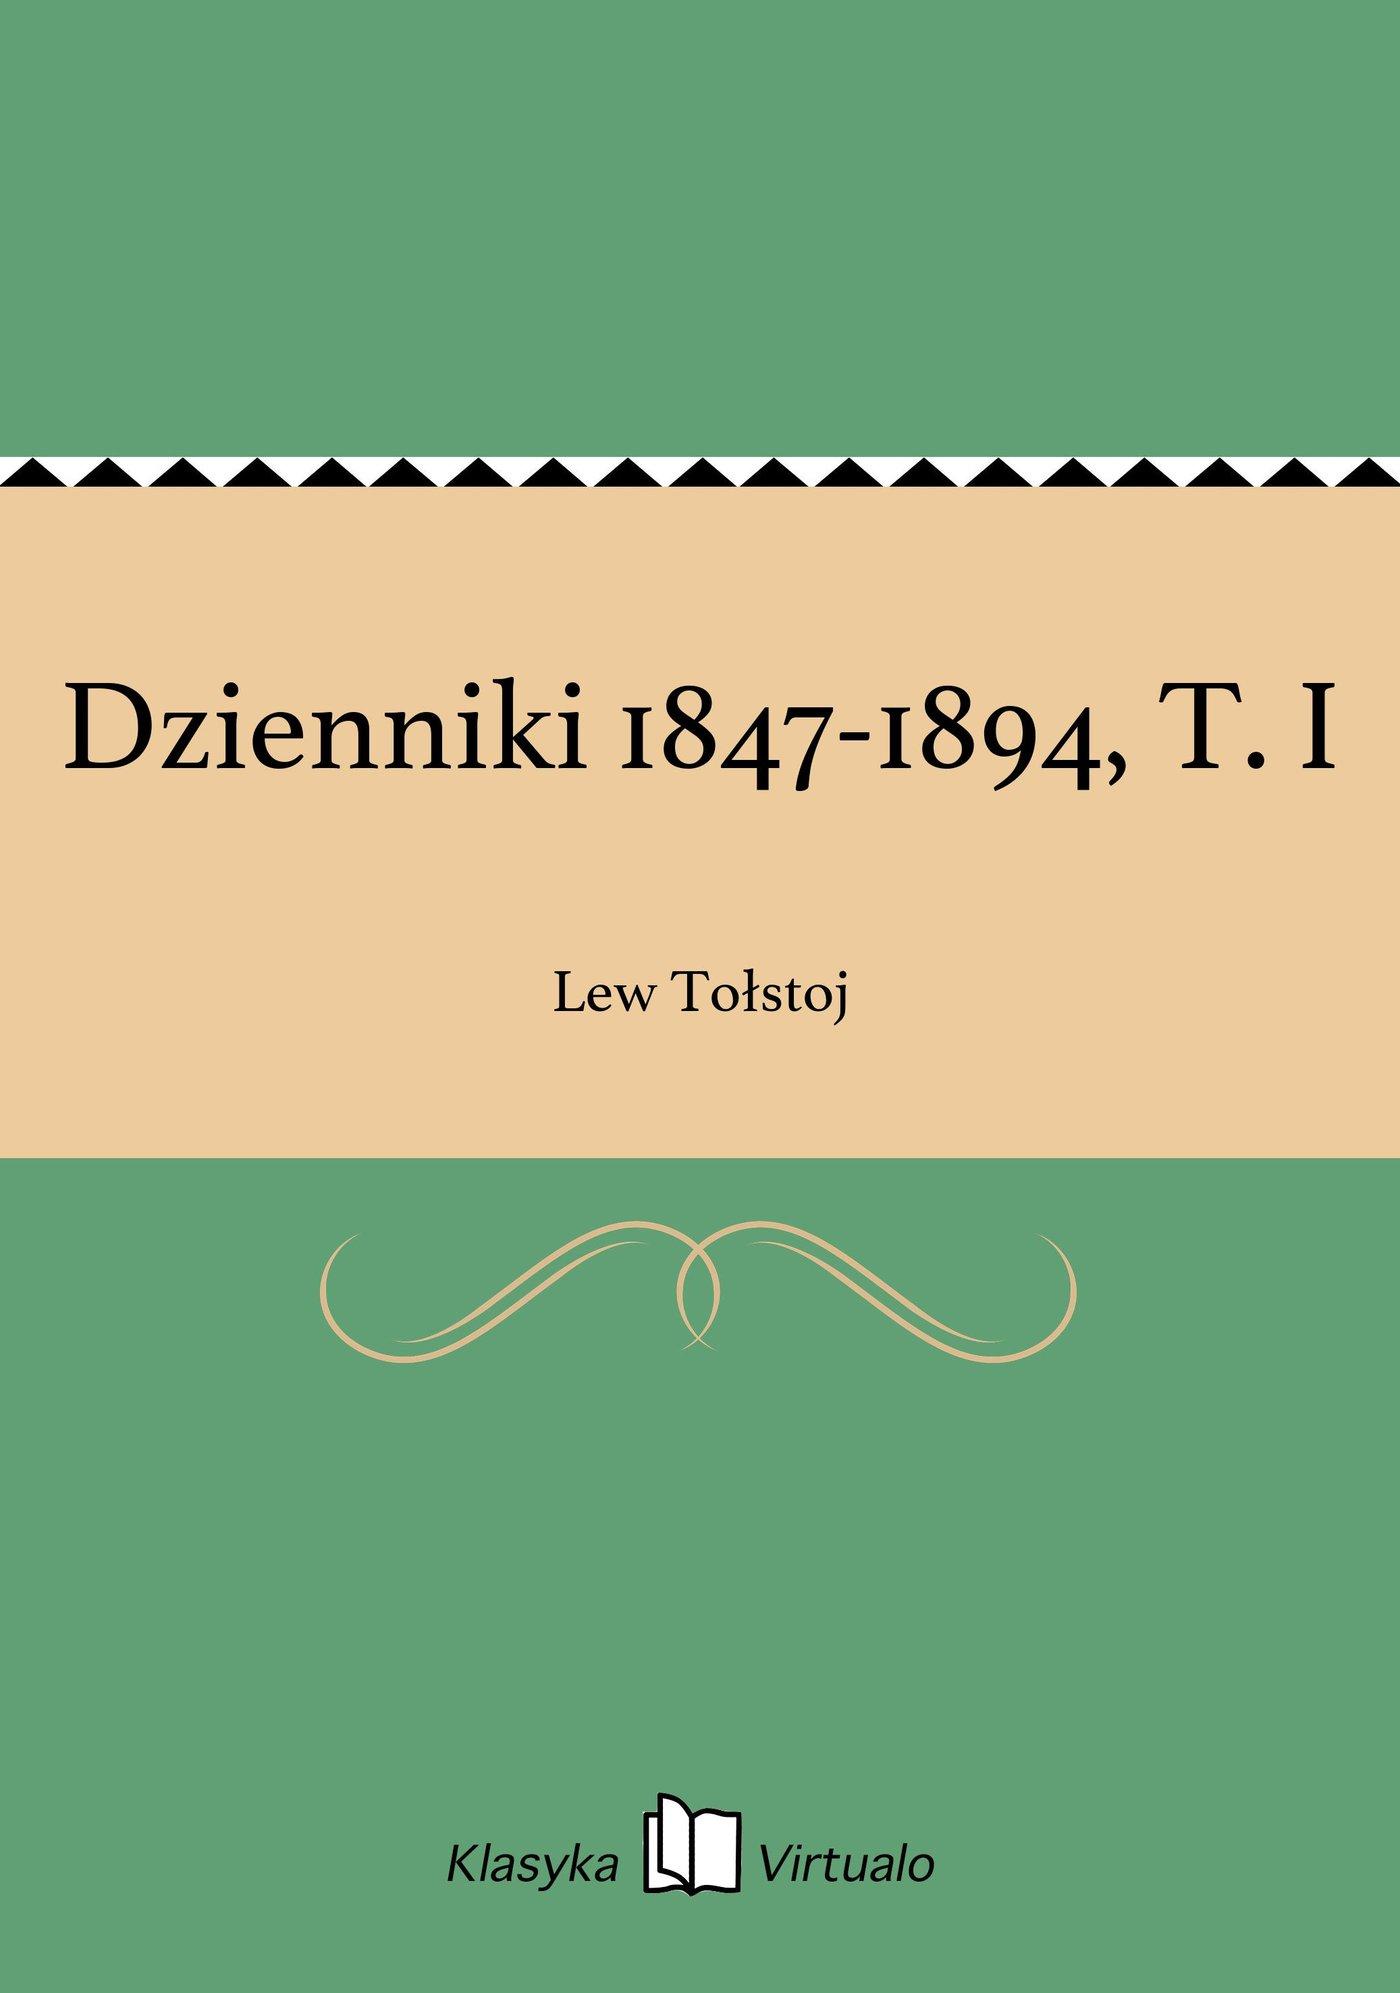 Dzienniki 1847-1894, T. I - Ebook (Książka EPUB) do pobrania w formacie EPUB